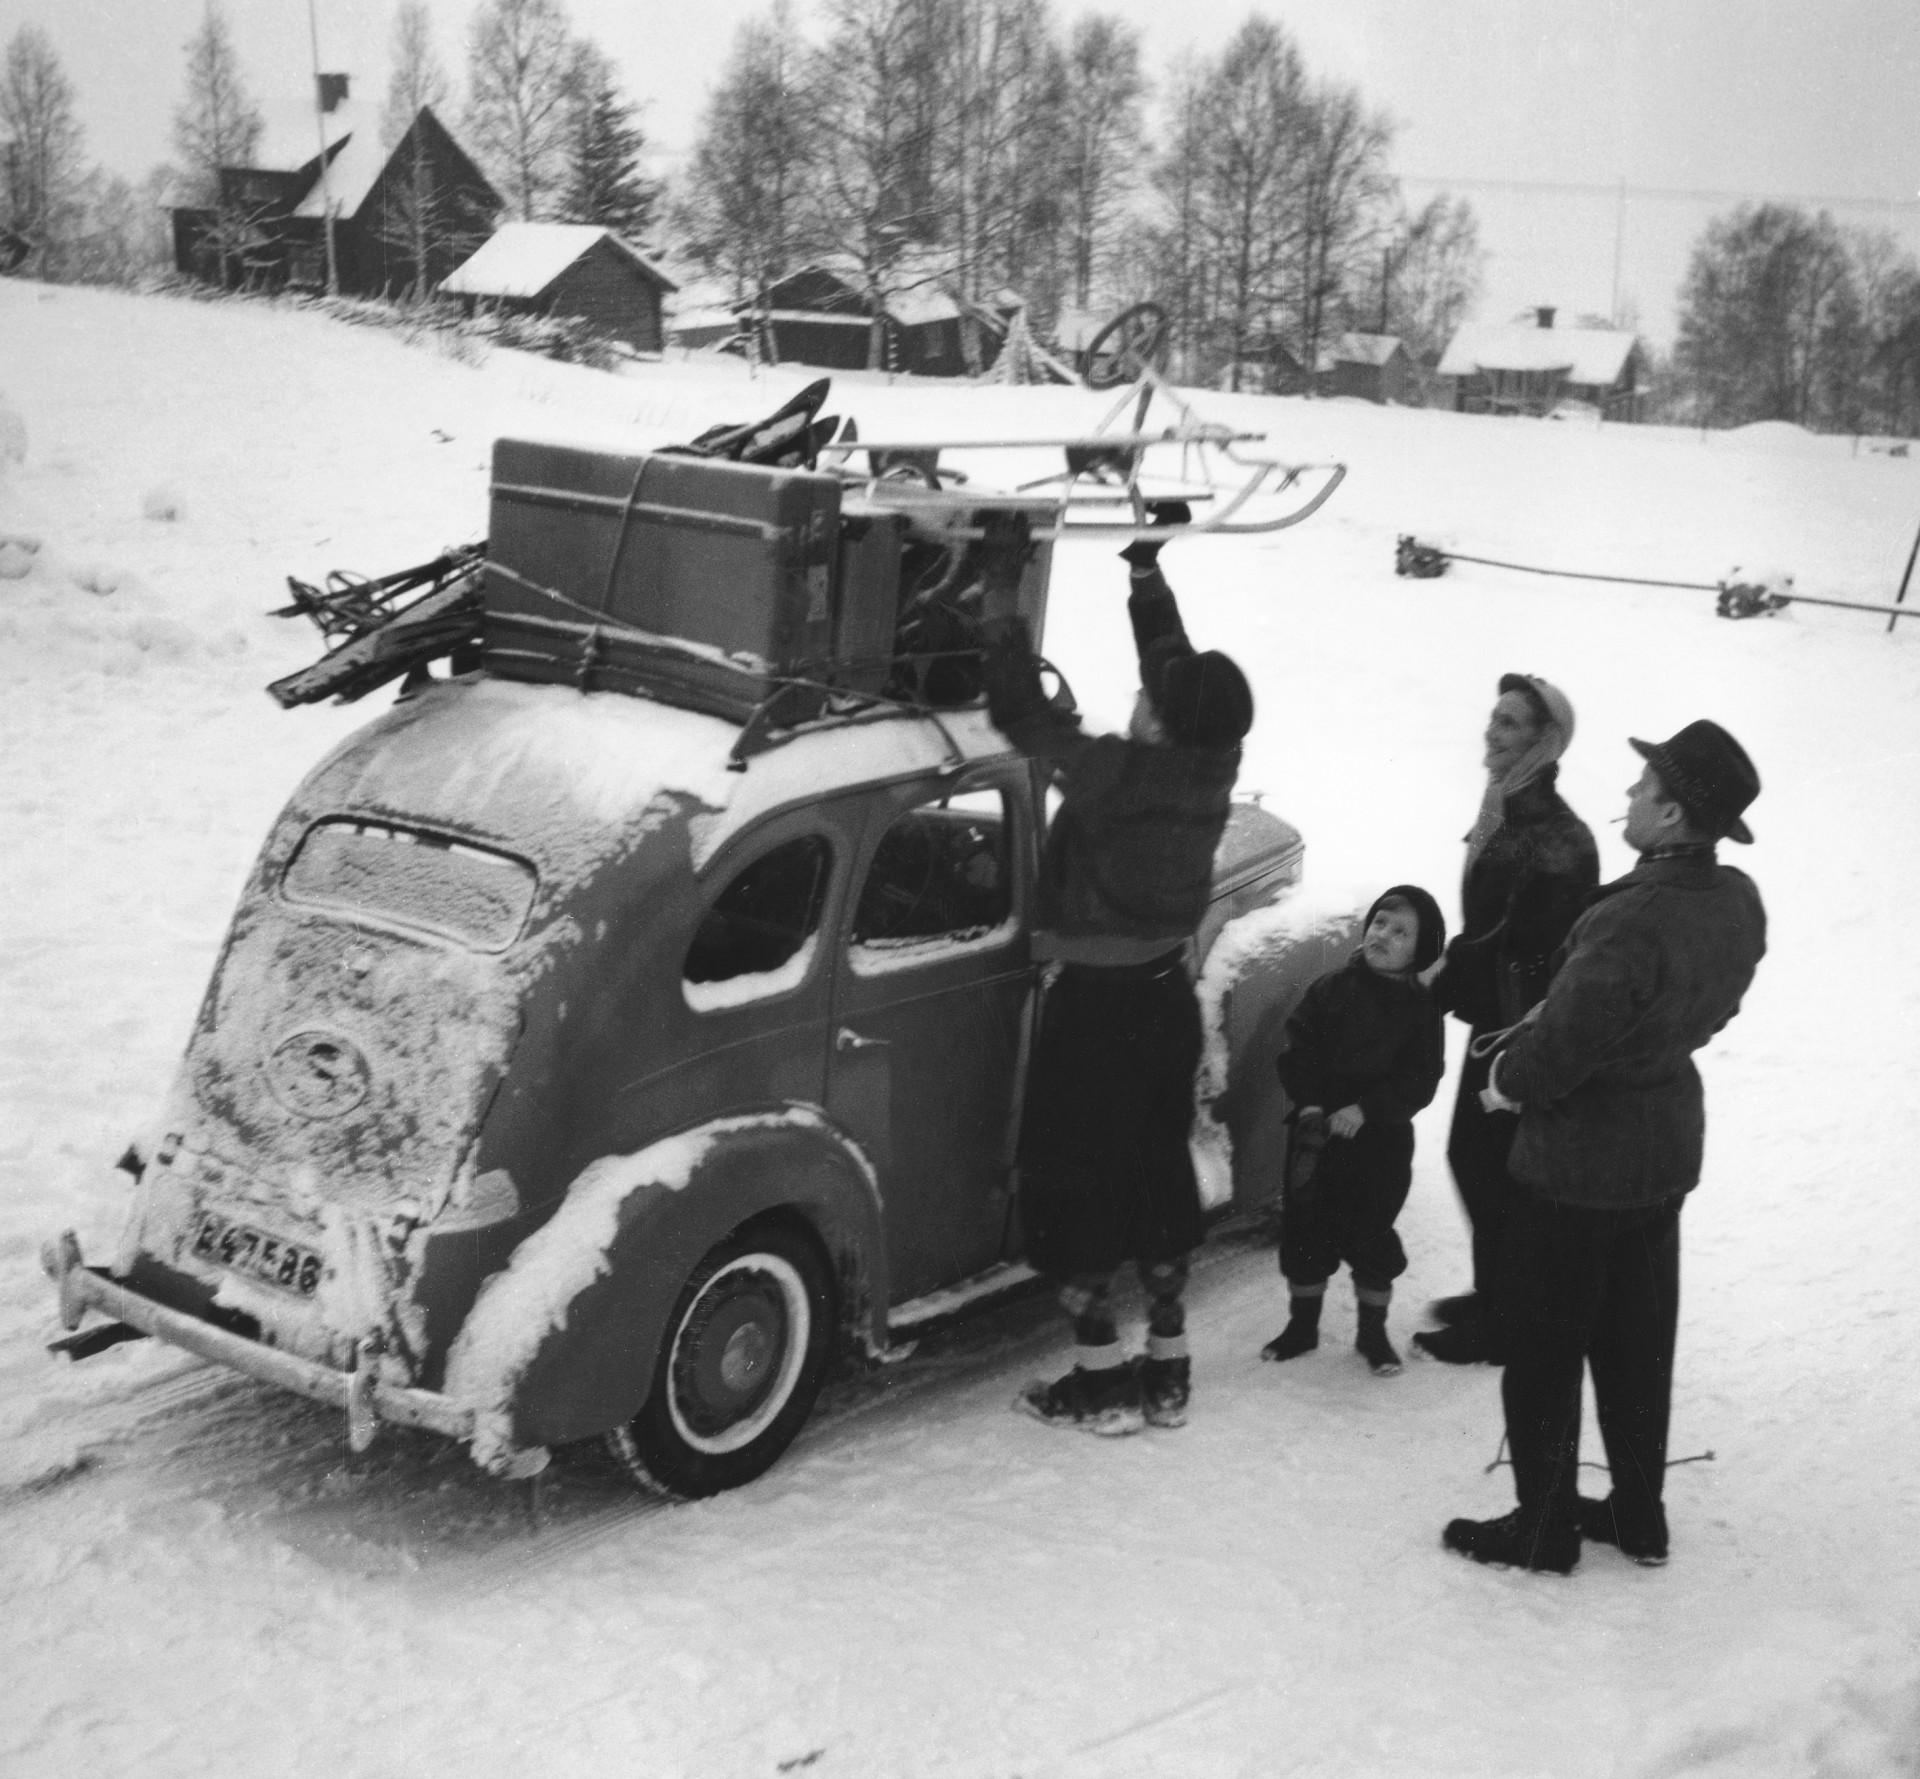 En familj lastar kälke och skidor på ett snötäckt biltak. 1953.